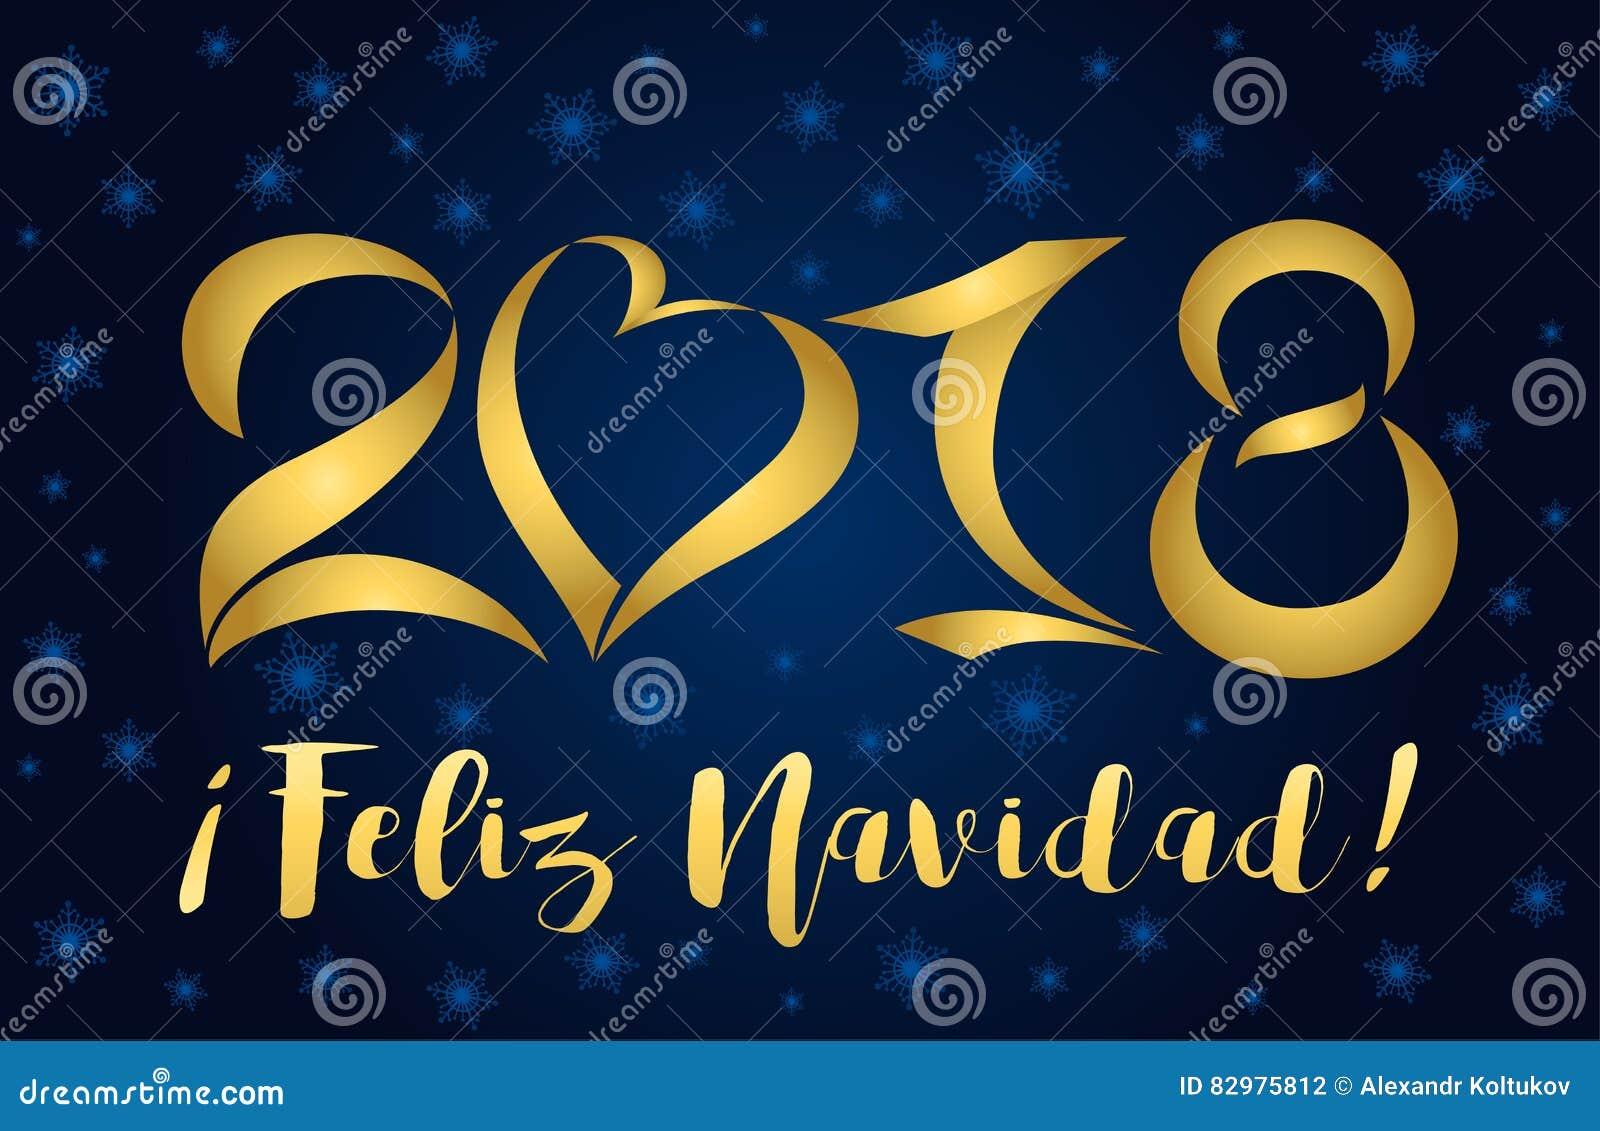 Navidad 2018 2018 Feliz Navidad Card Golden Figures Stock Vector   Illustration  Navidad 2018